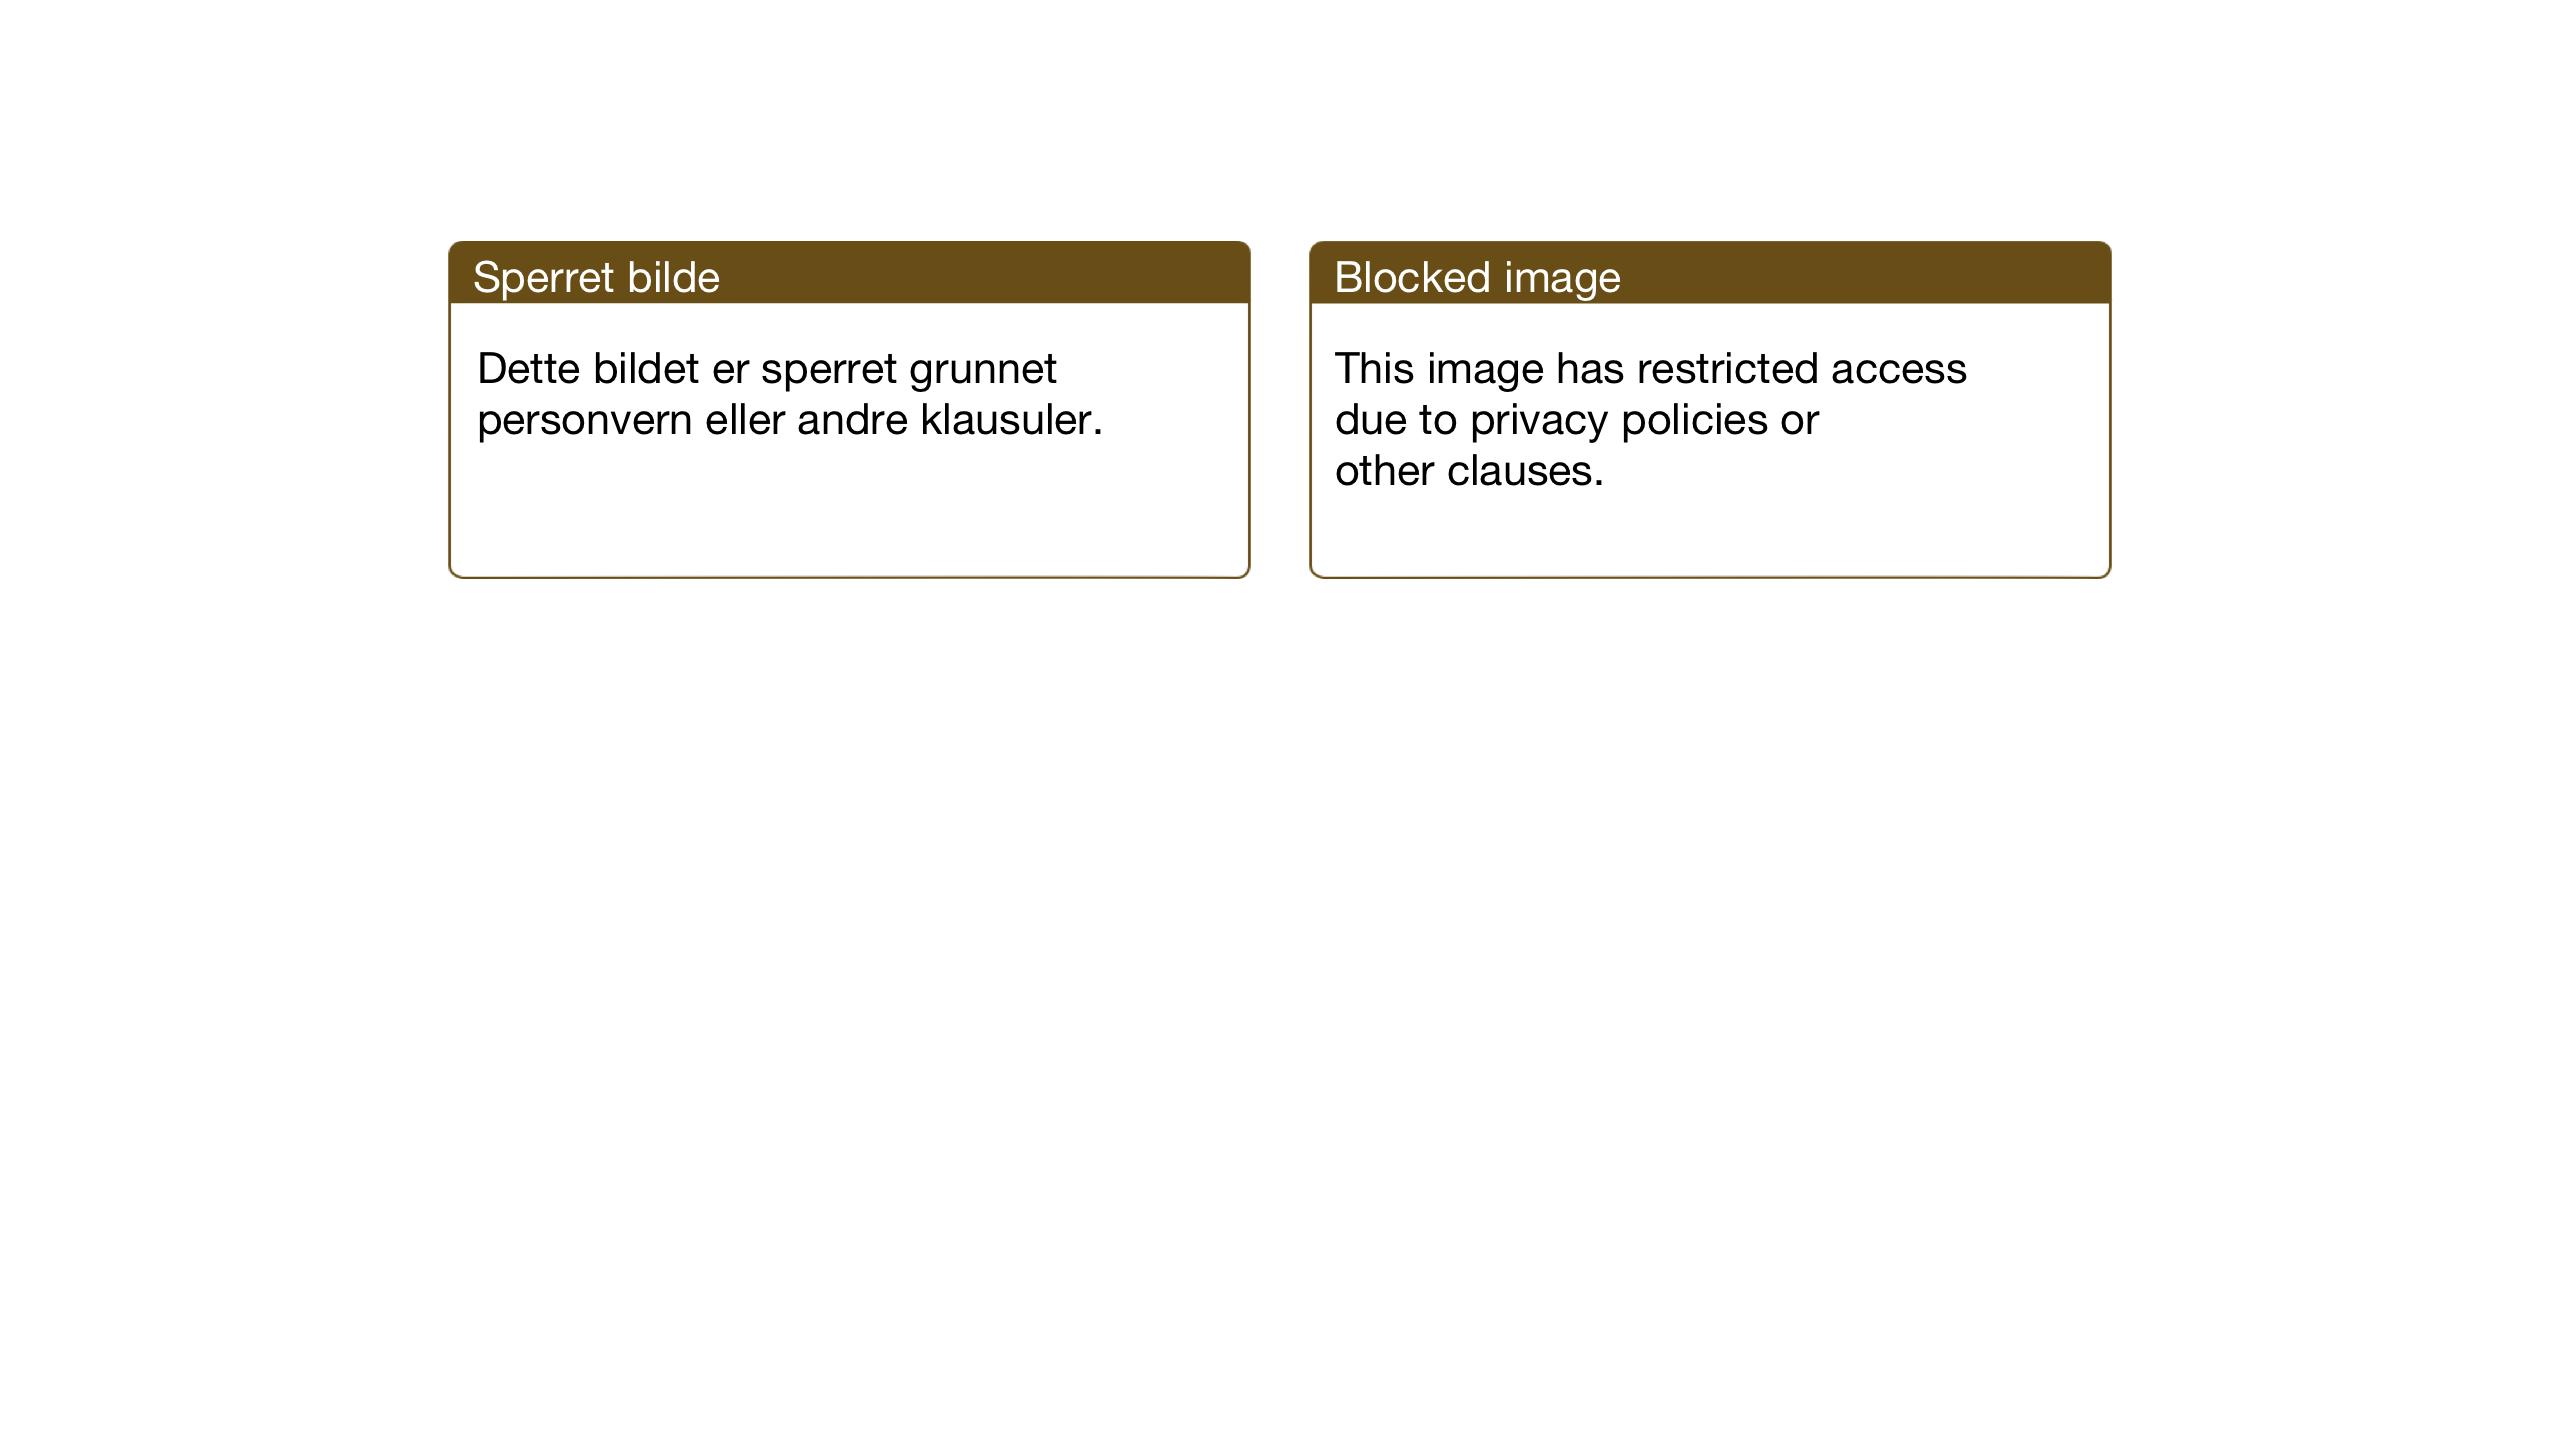 SAT, Ministerialprotokoller, klokkerbøker og fødselsregistre - Sør-Trøndelag, 640/L0589: Klokkerbok nr. 640C06, 1922-1934, s. 93